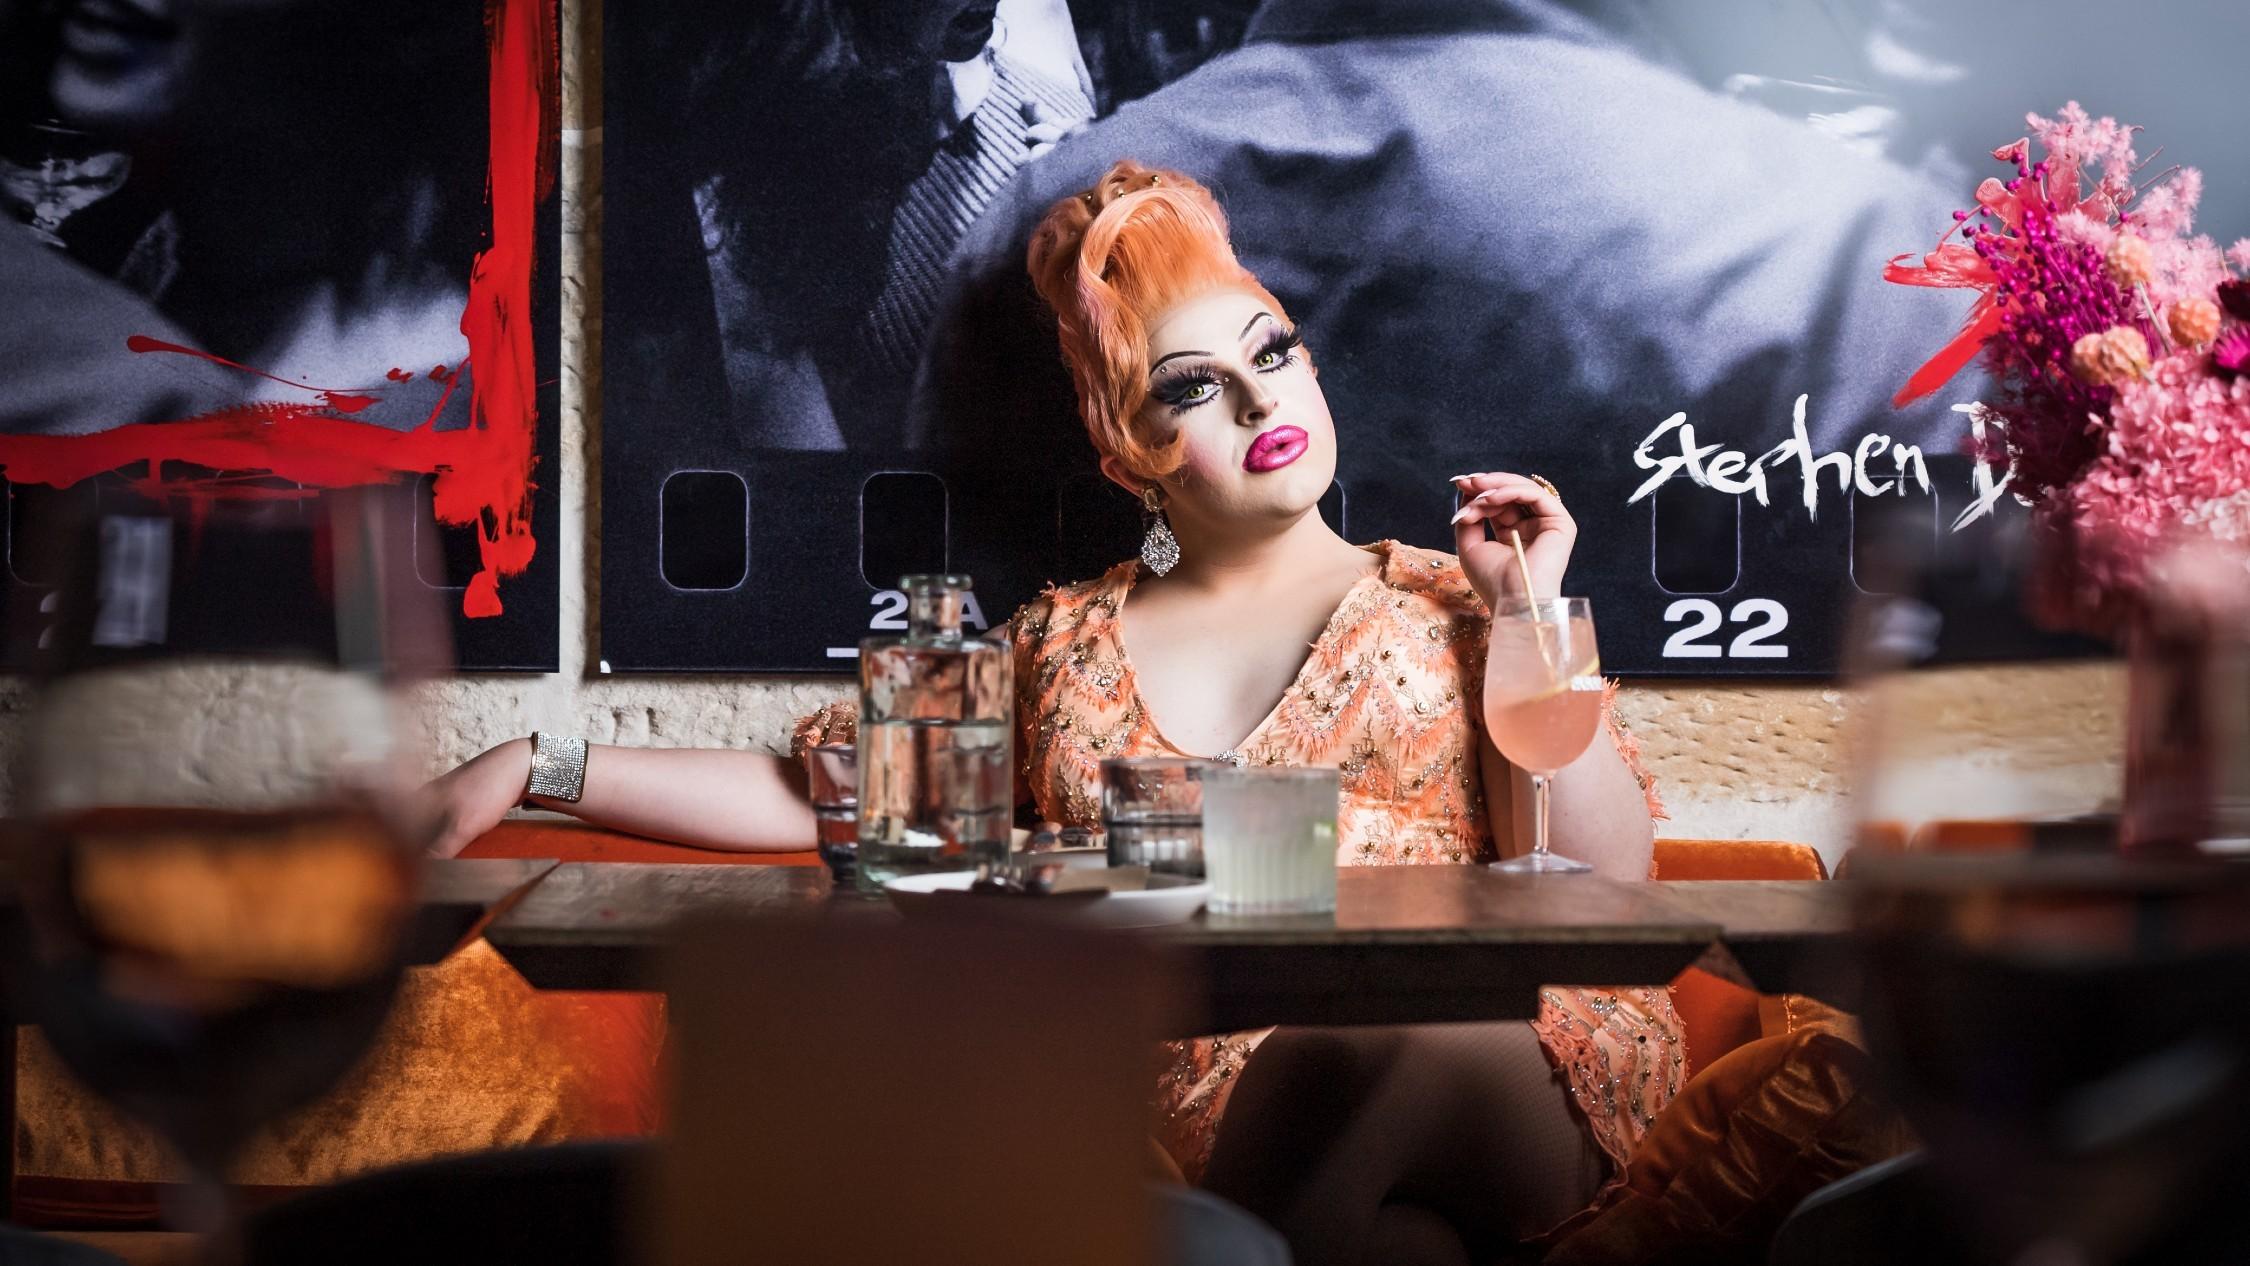 Drag queen Hannah Conda sips cocktail